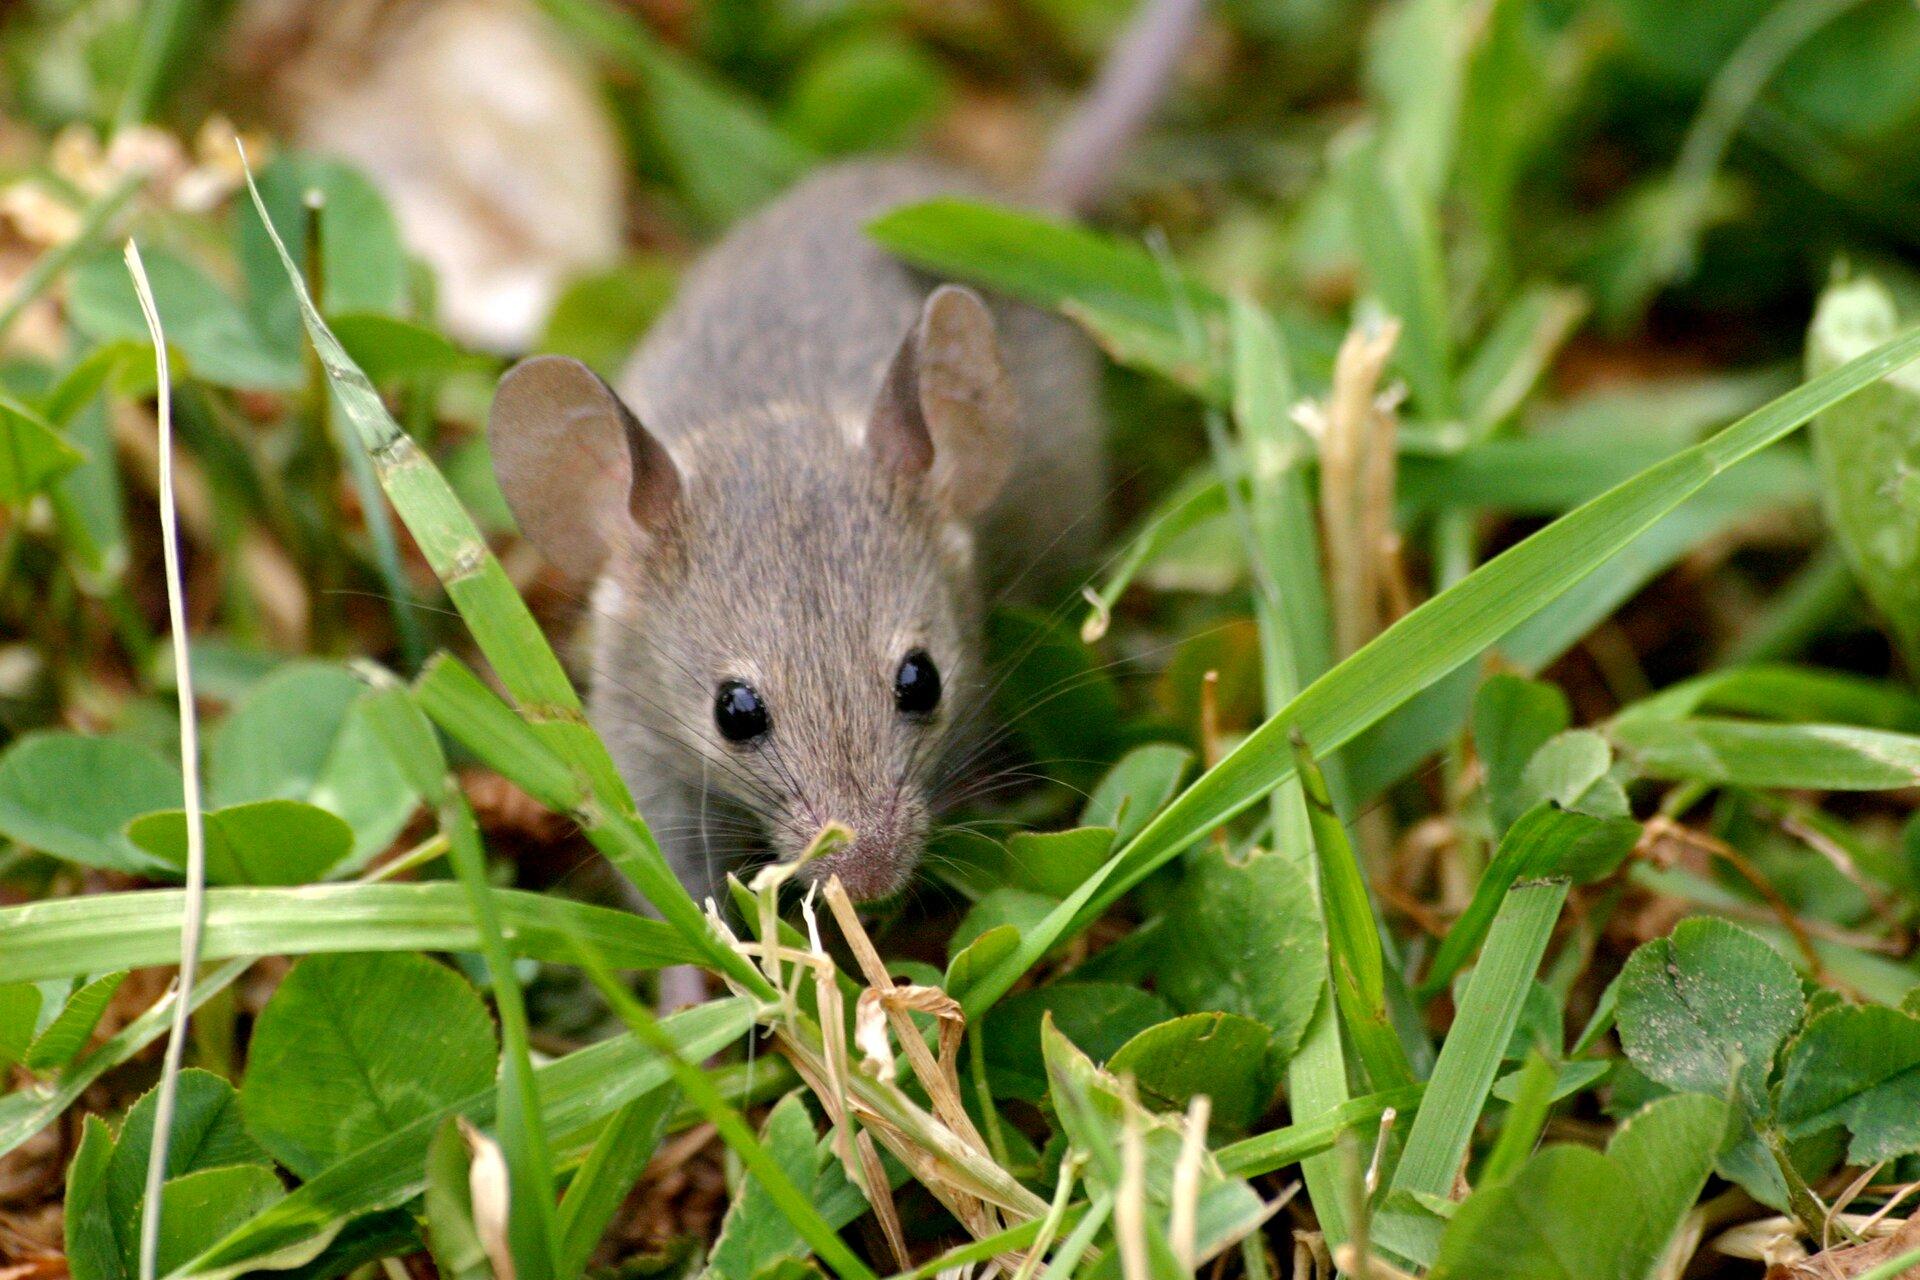 Fotografia przedstawia wzbliżeniu polną mysz na ziemi. Jest ruda zciemnym pasem na grzbiecie. Głowa wprawo, duże oko, małe, zaokrąglone różowe uszy. Długi ogon bez włosów, szary. Spod brzucha wystaje długa stopa tylnej kończyny.